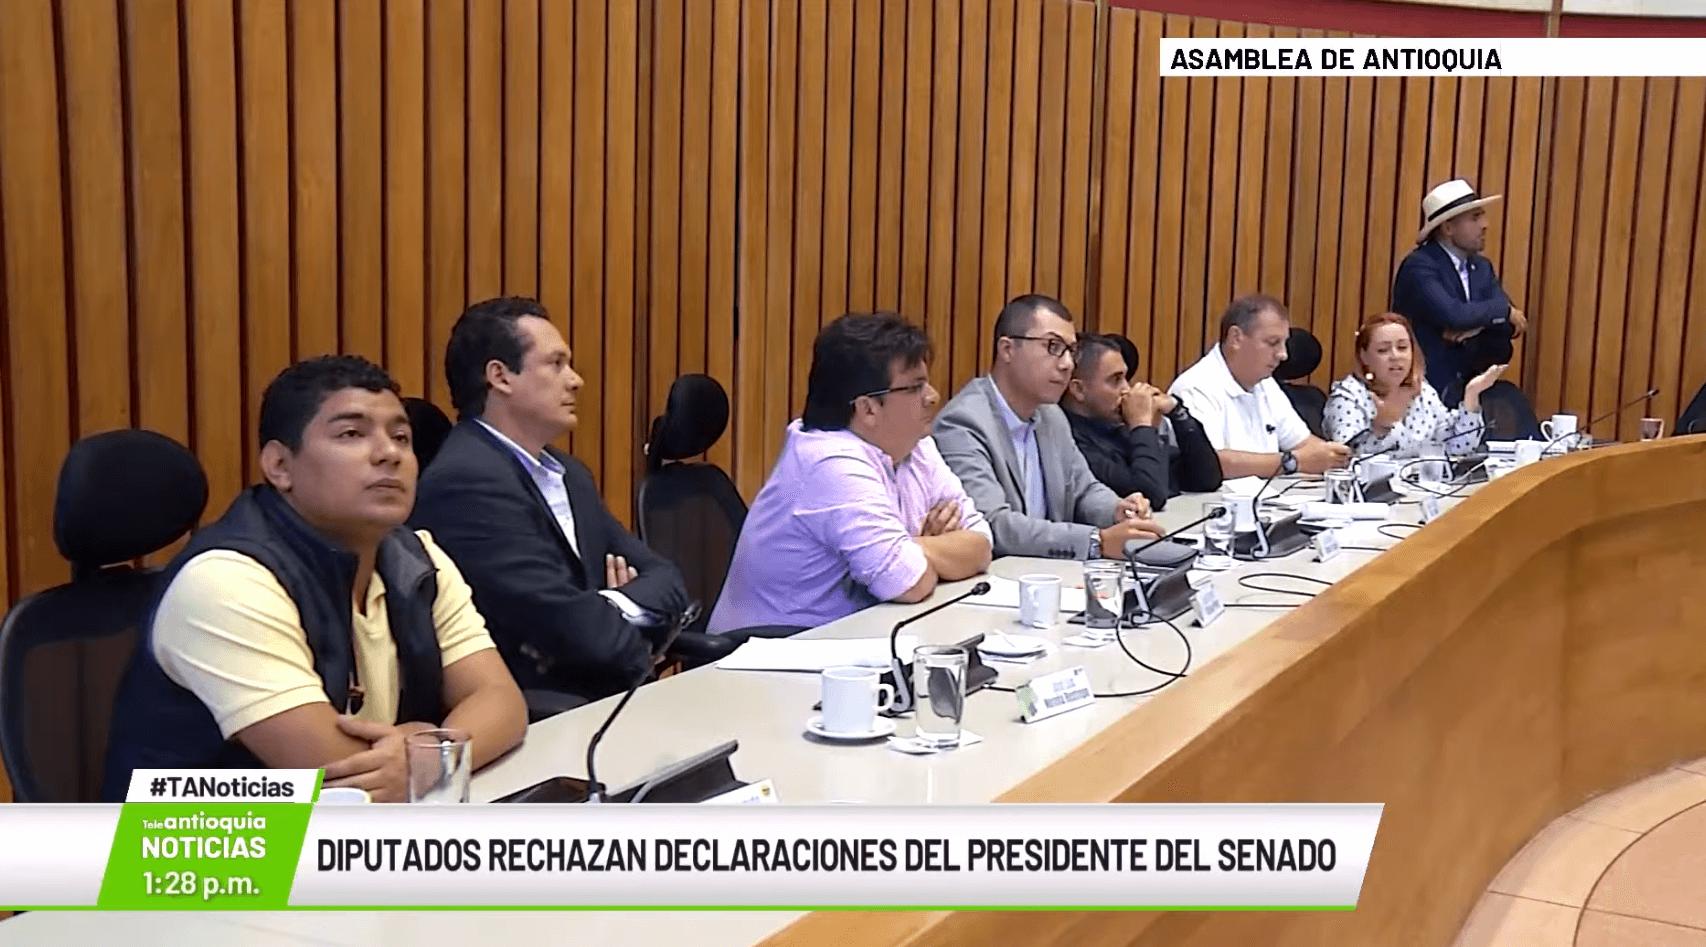 Diputados rechazan declaraciones del presidente del Senado